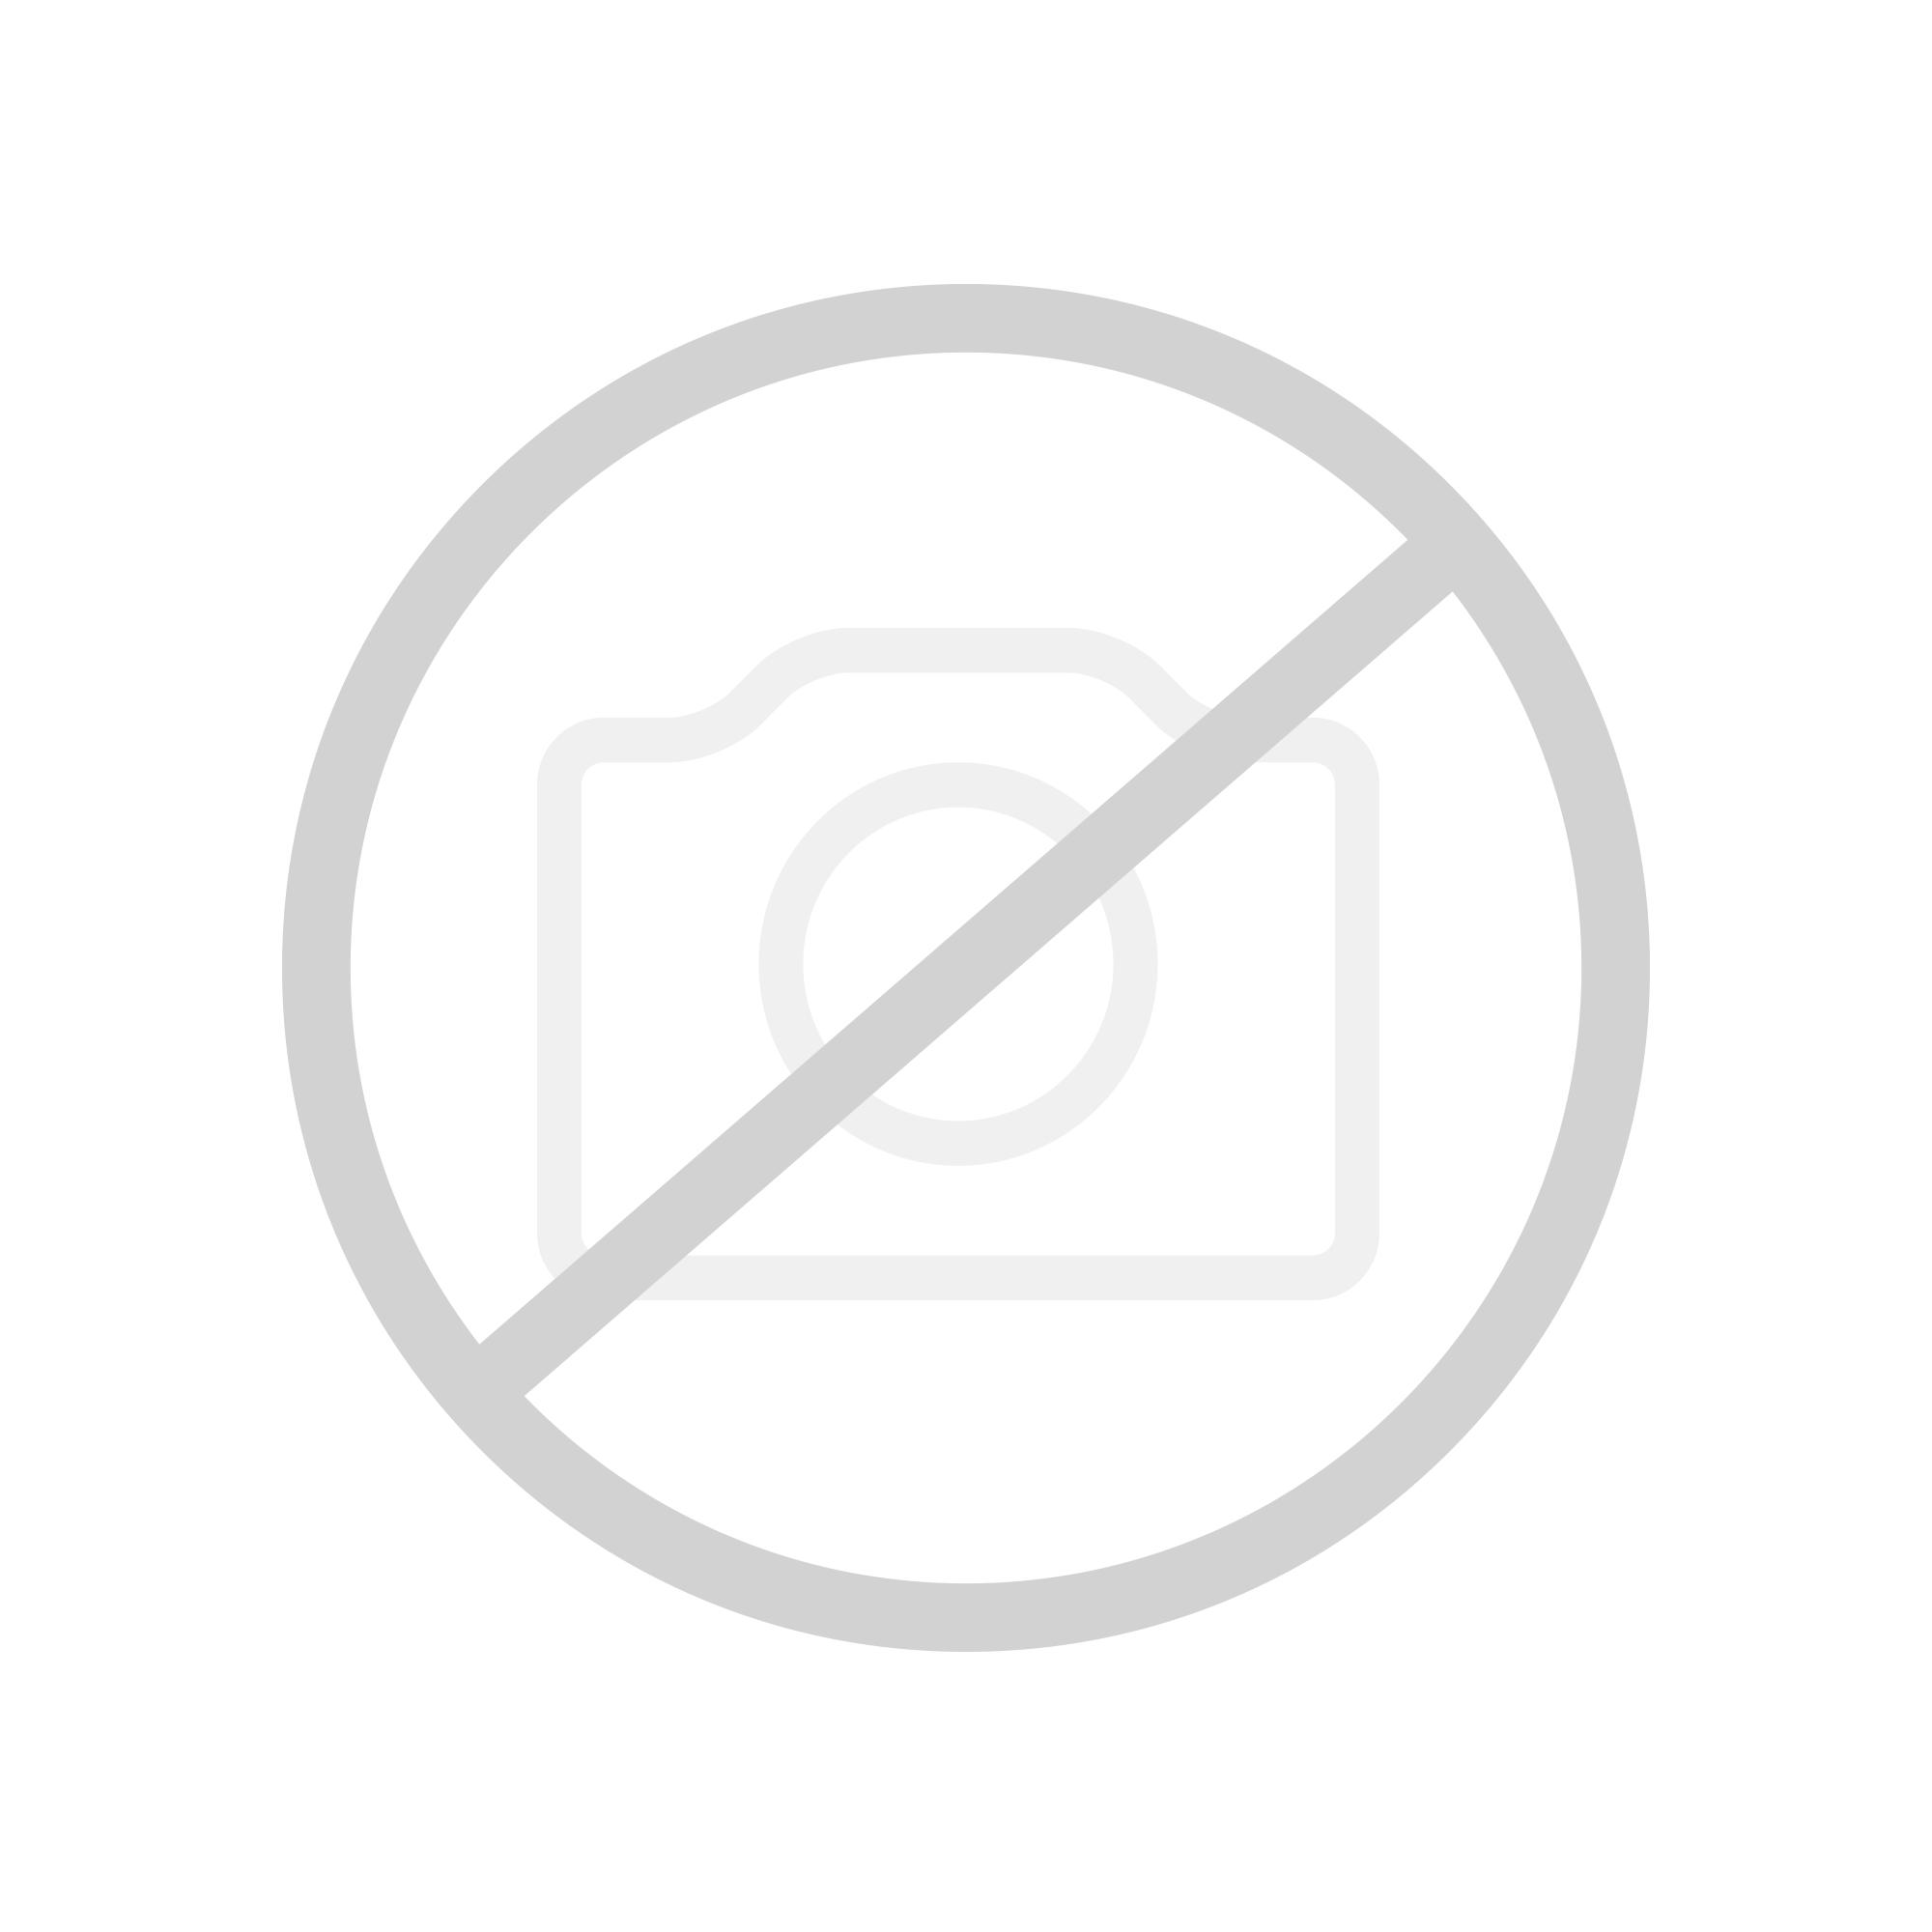 Duravit Vero Waschtisch weiß mit Wondergliss mit 1 Hahnloch und Überlauf, geschliffen